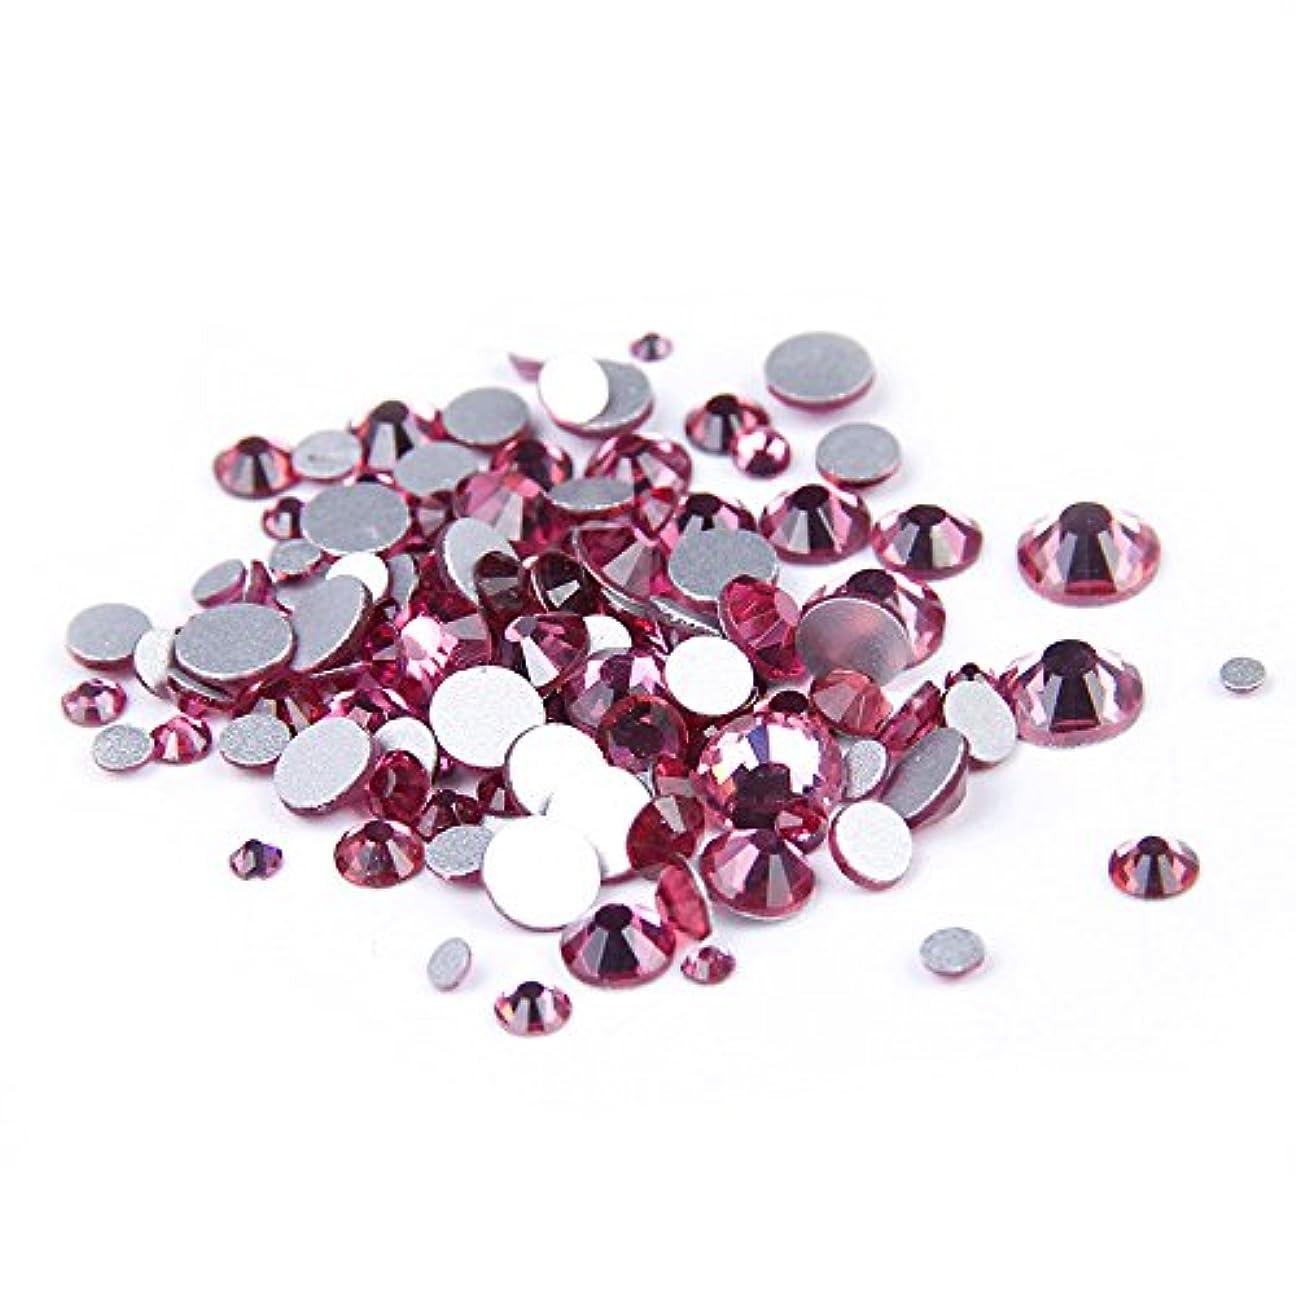 磁気力厳しいNizi ジュエリー ブランド ローズ ラインストーン は ガラスの材質 ネイル使用 型番ss3-ss34 (混合サイズ 1000pcs)